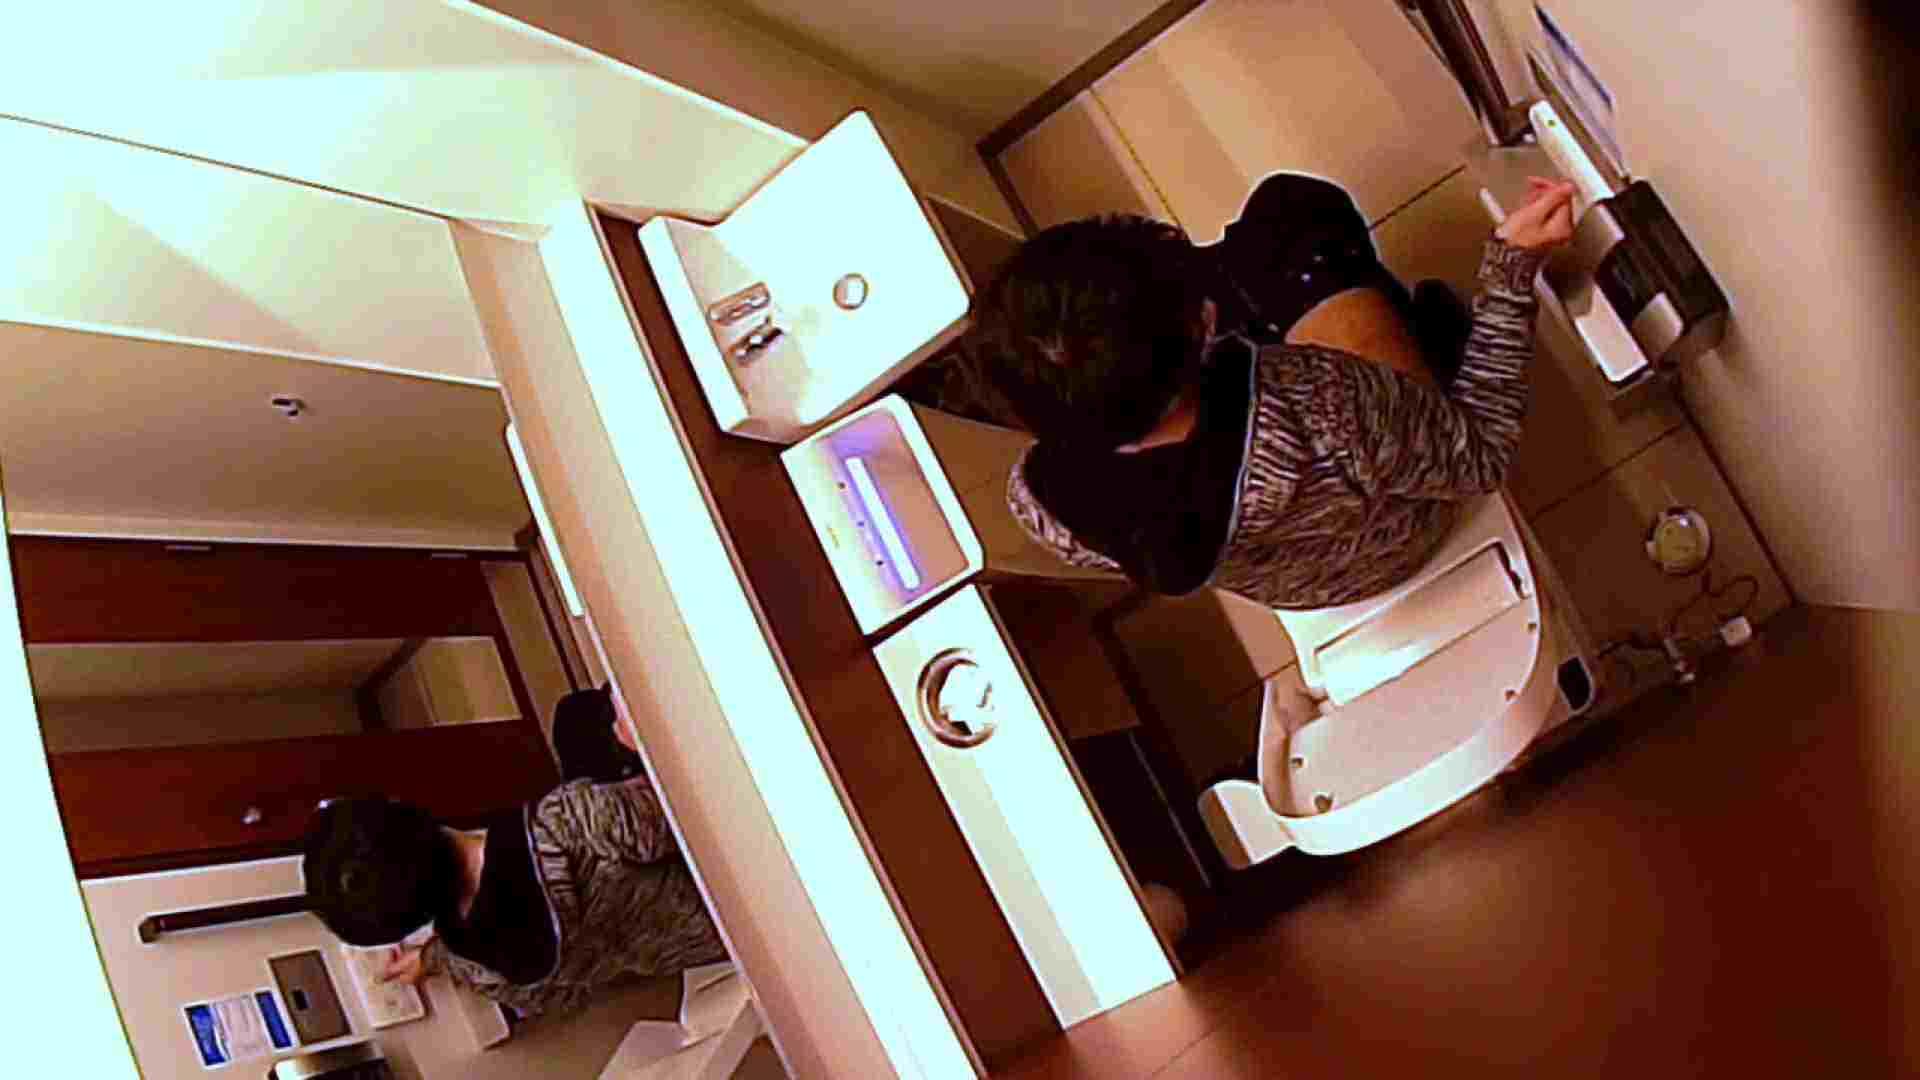 イケメンの素顔in洗面所 Vol.03 丸見え動画 | ボーイズうんこ  107pic 48